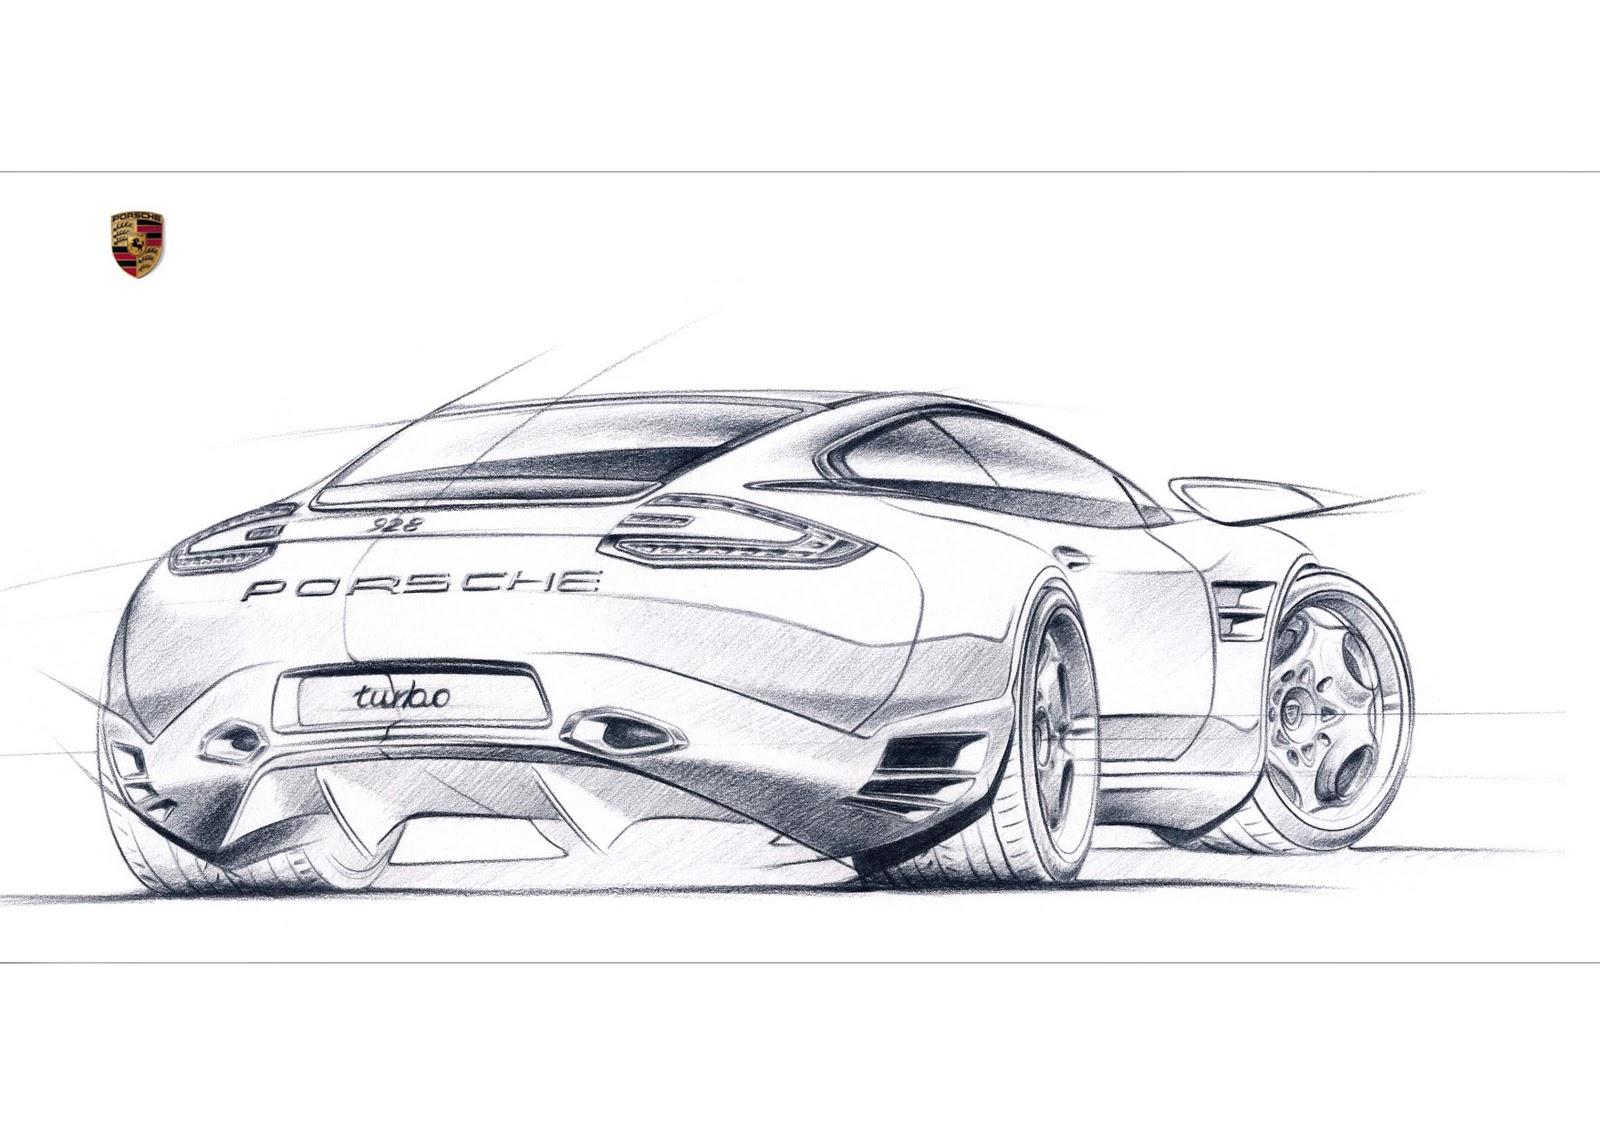 Drawn vehicle porsche Sketch+928 2 Pinterest #porsche cars